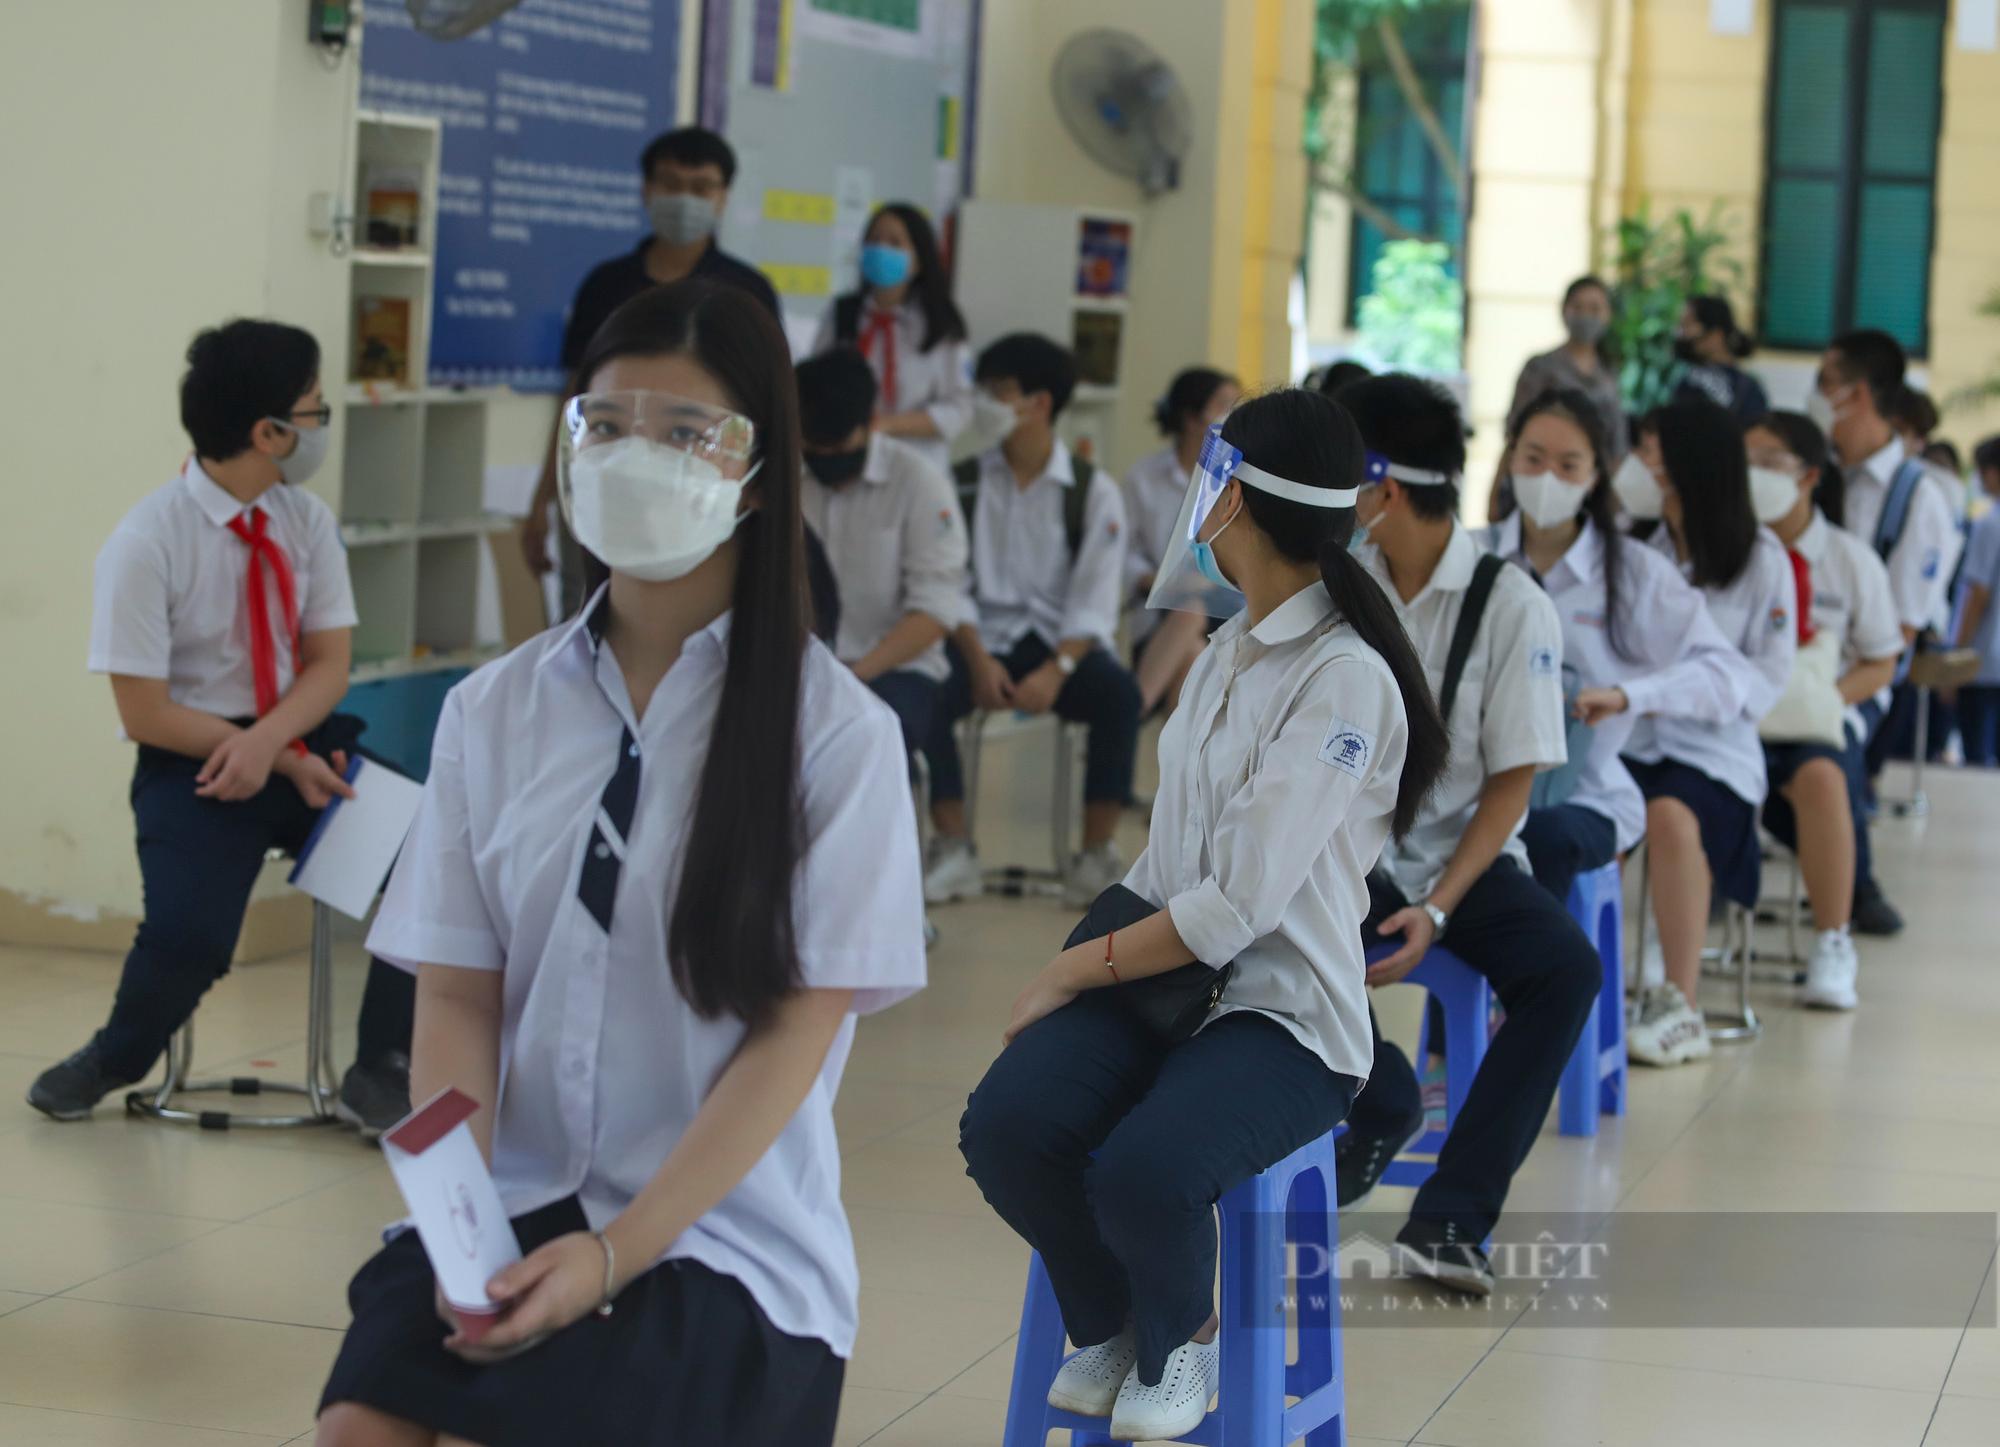 Hà Nội: Gấp rút chuẩn bị cho Lễ khai giảng online đặc biệt của Thủ đô - Ảnh 8.